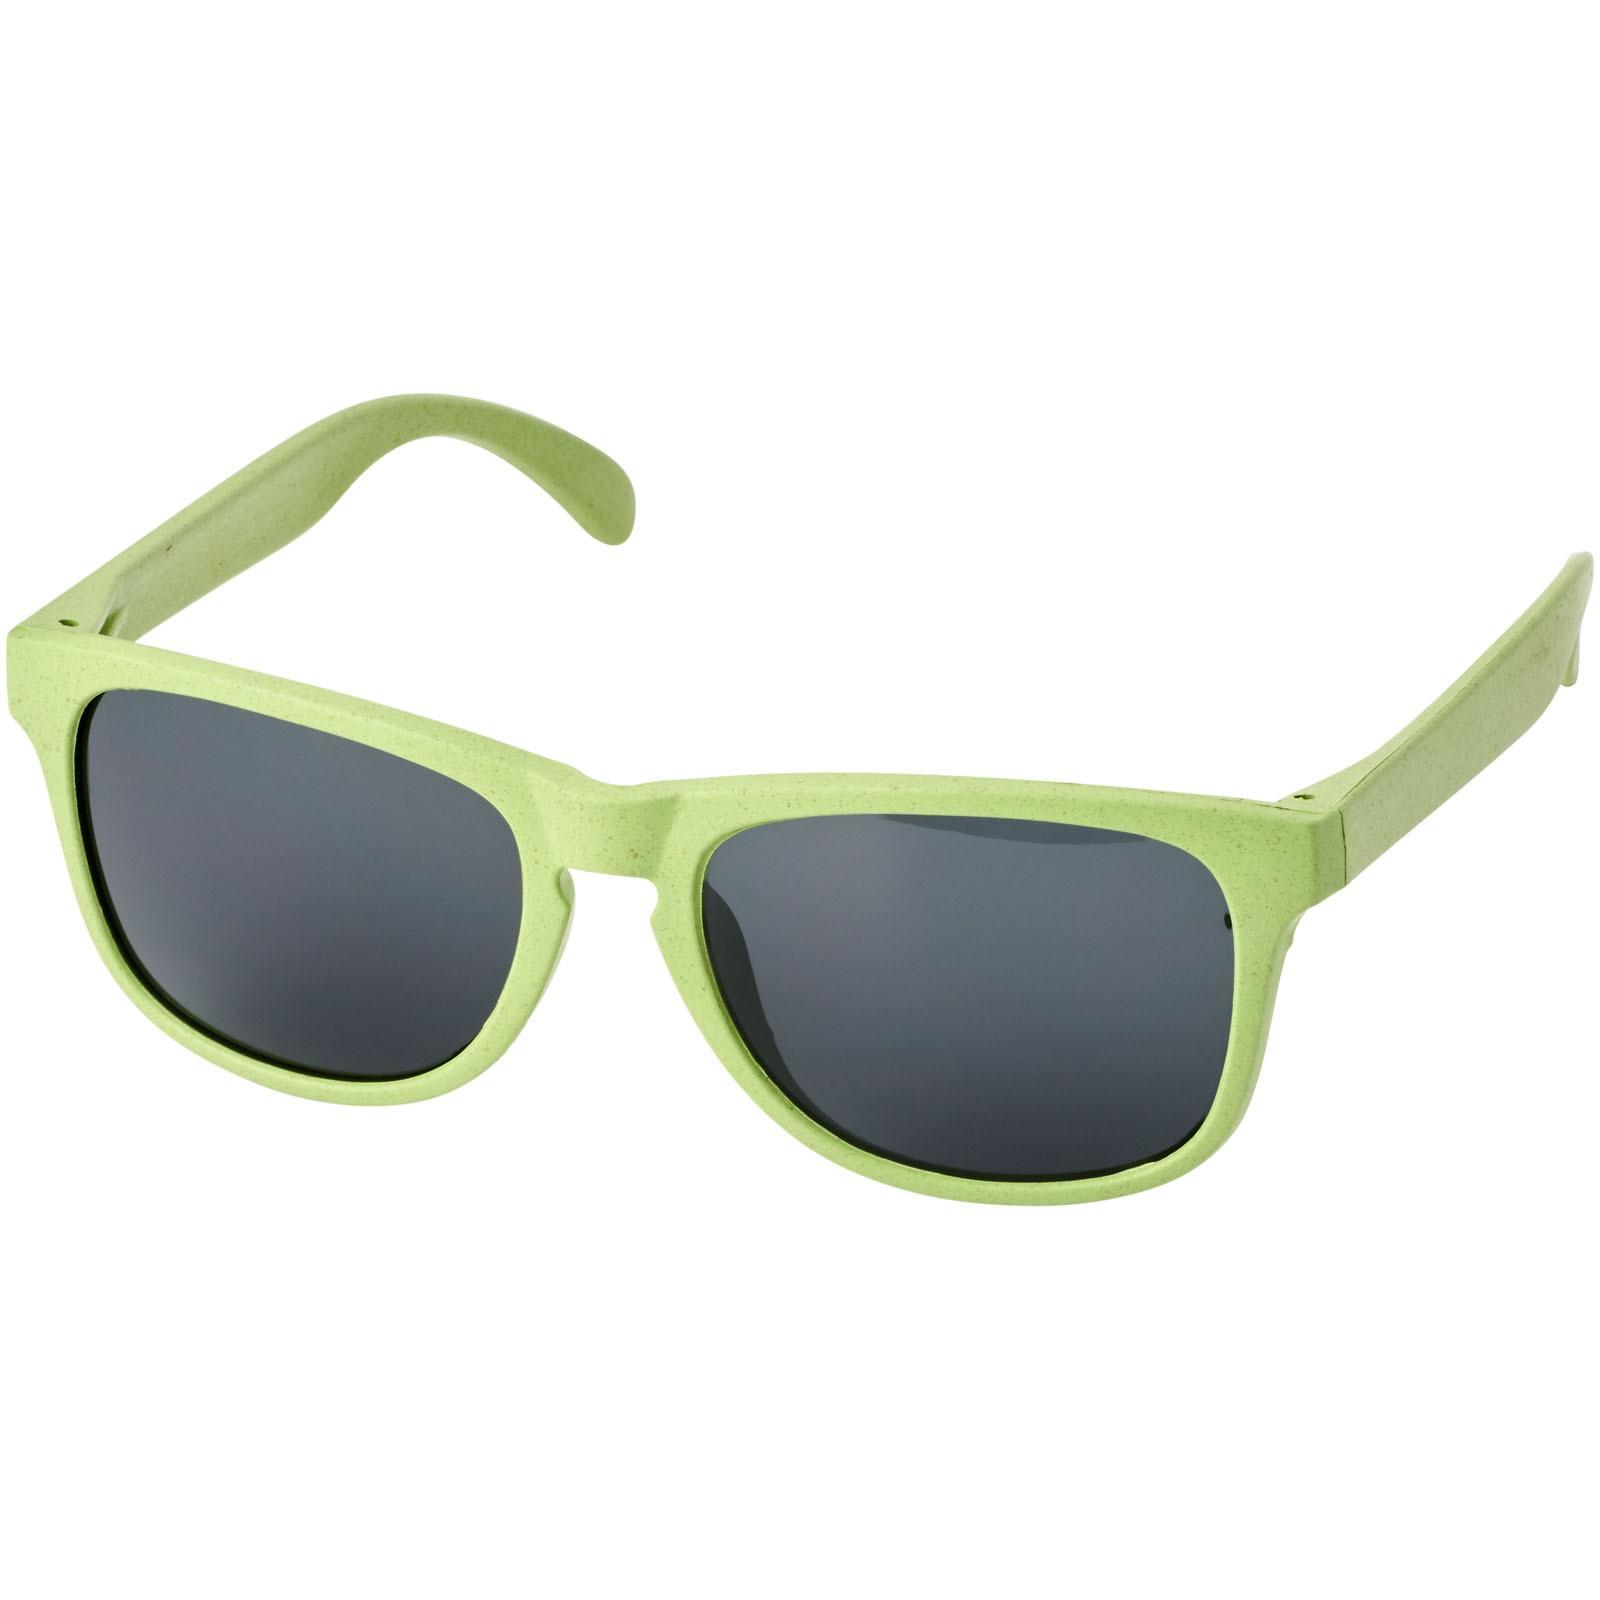 Rongo sluneční brýle z pšeničné slámy - Limetkově zelená